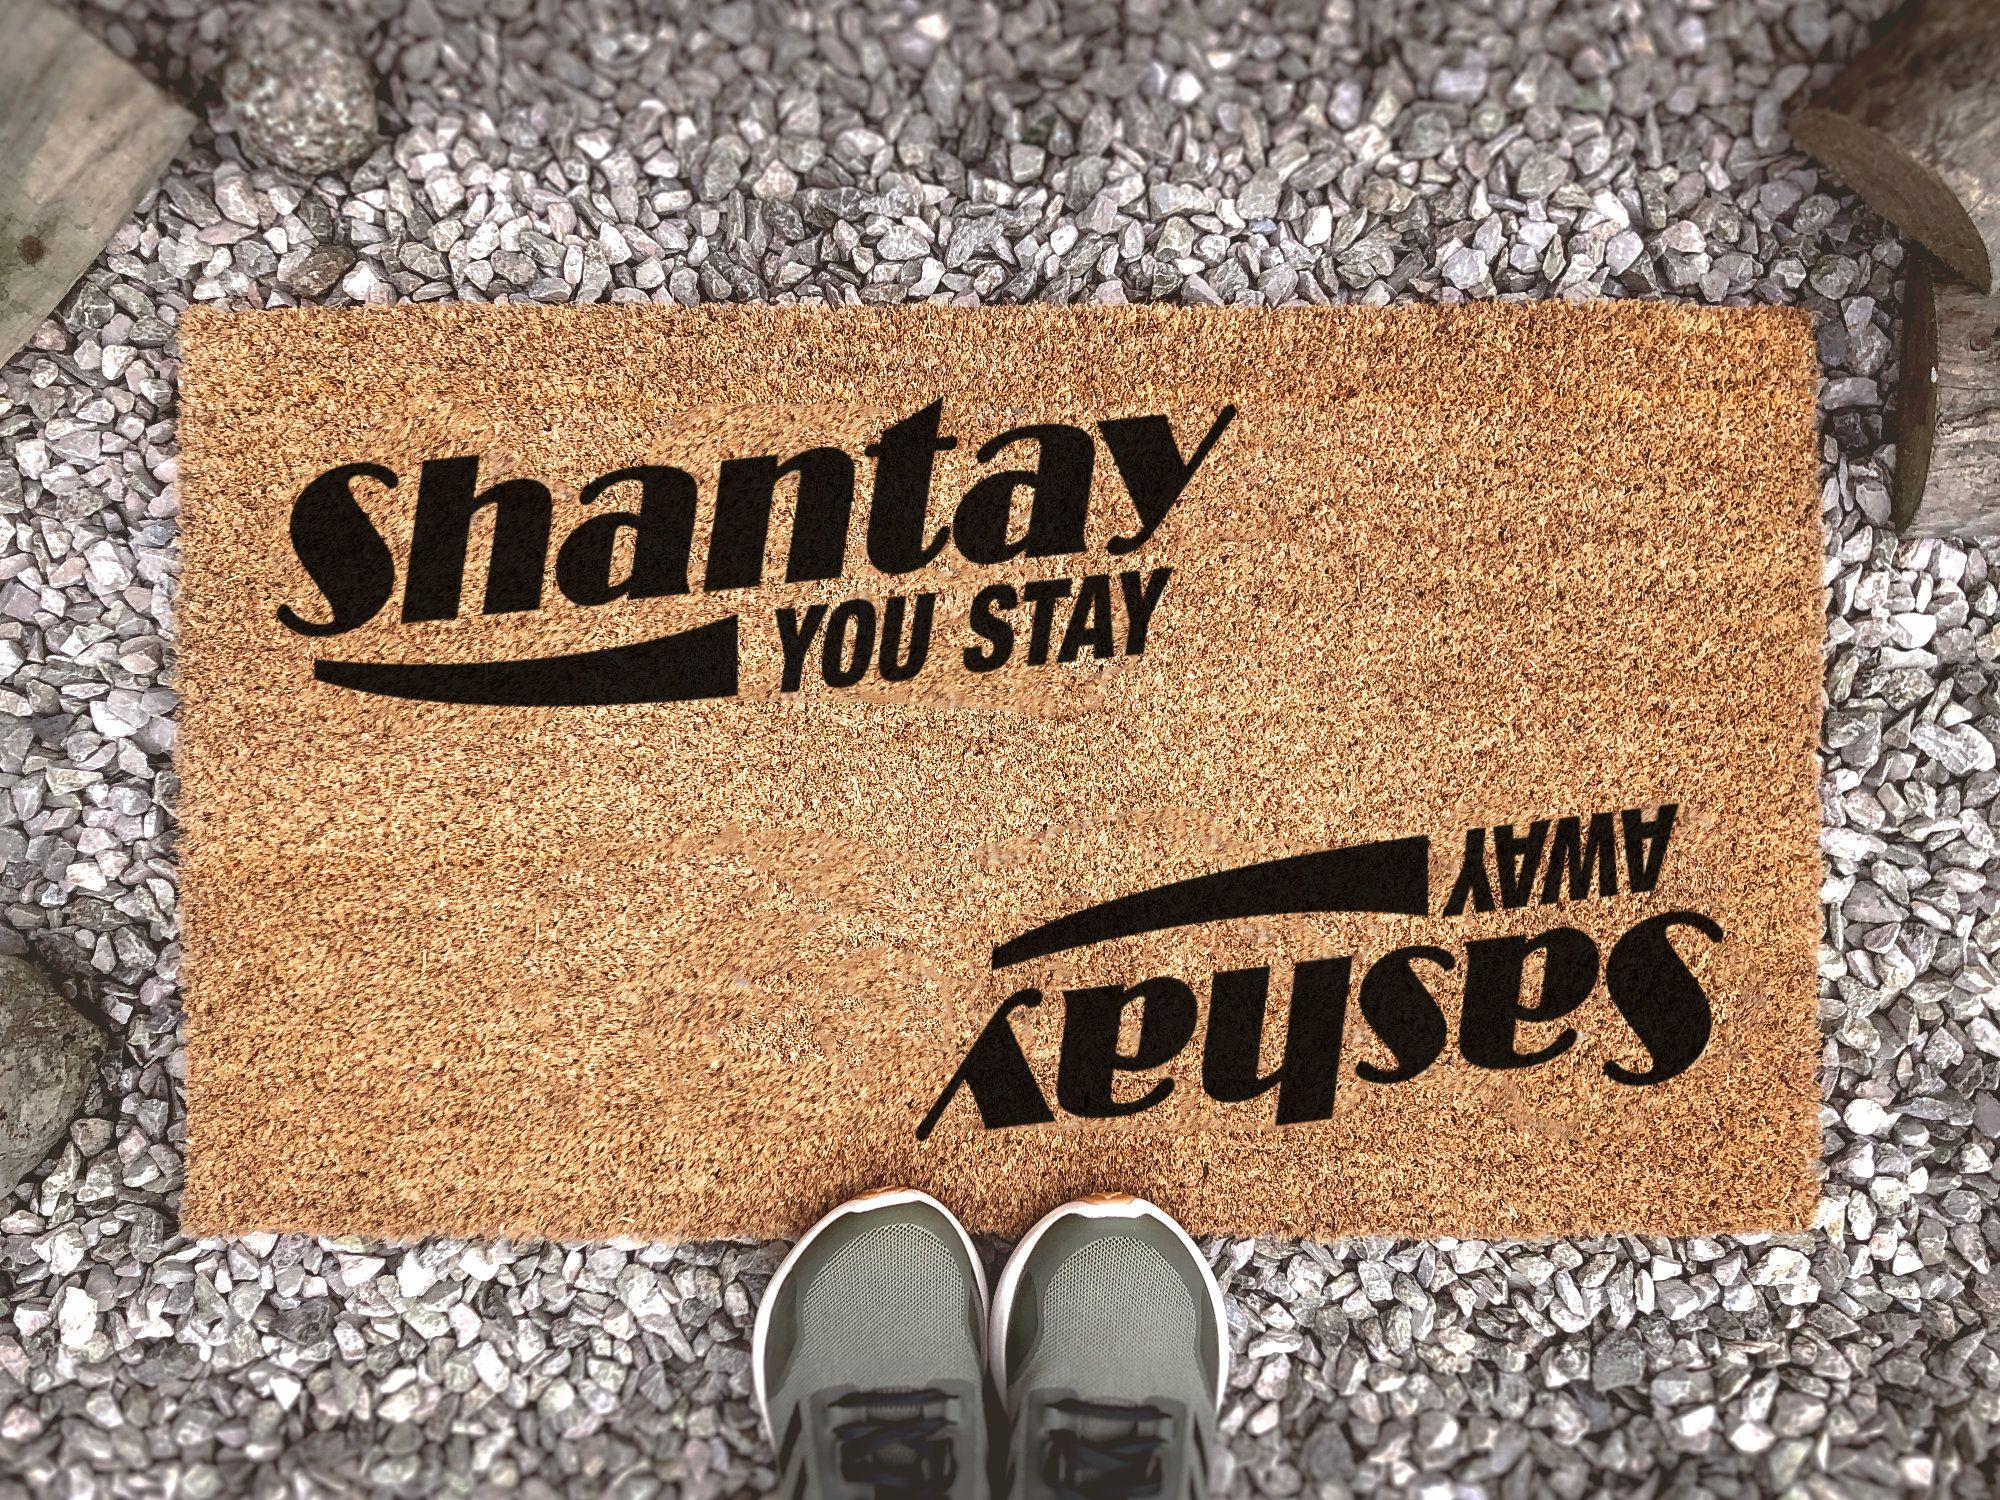 Rupaul S Drag Race Sashay Away Shantay You Stay Funny Etsy In 2021 Funny Doormats Rupauls Drag Race Sashay